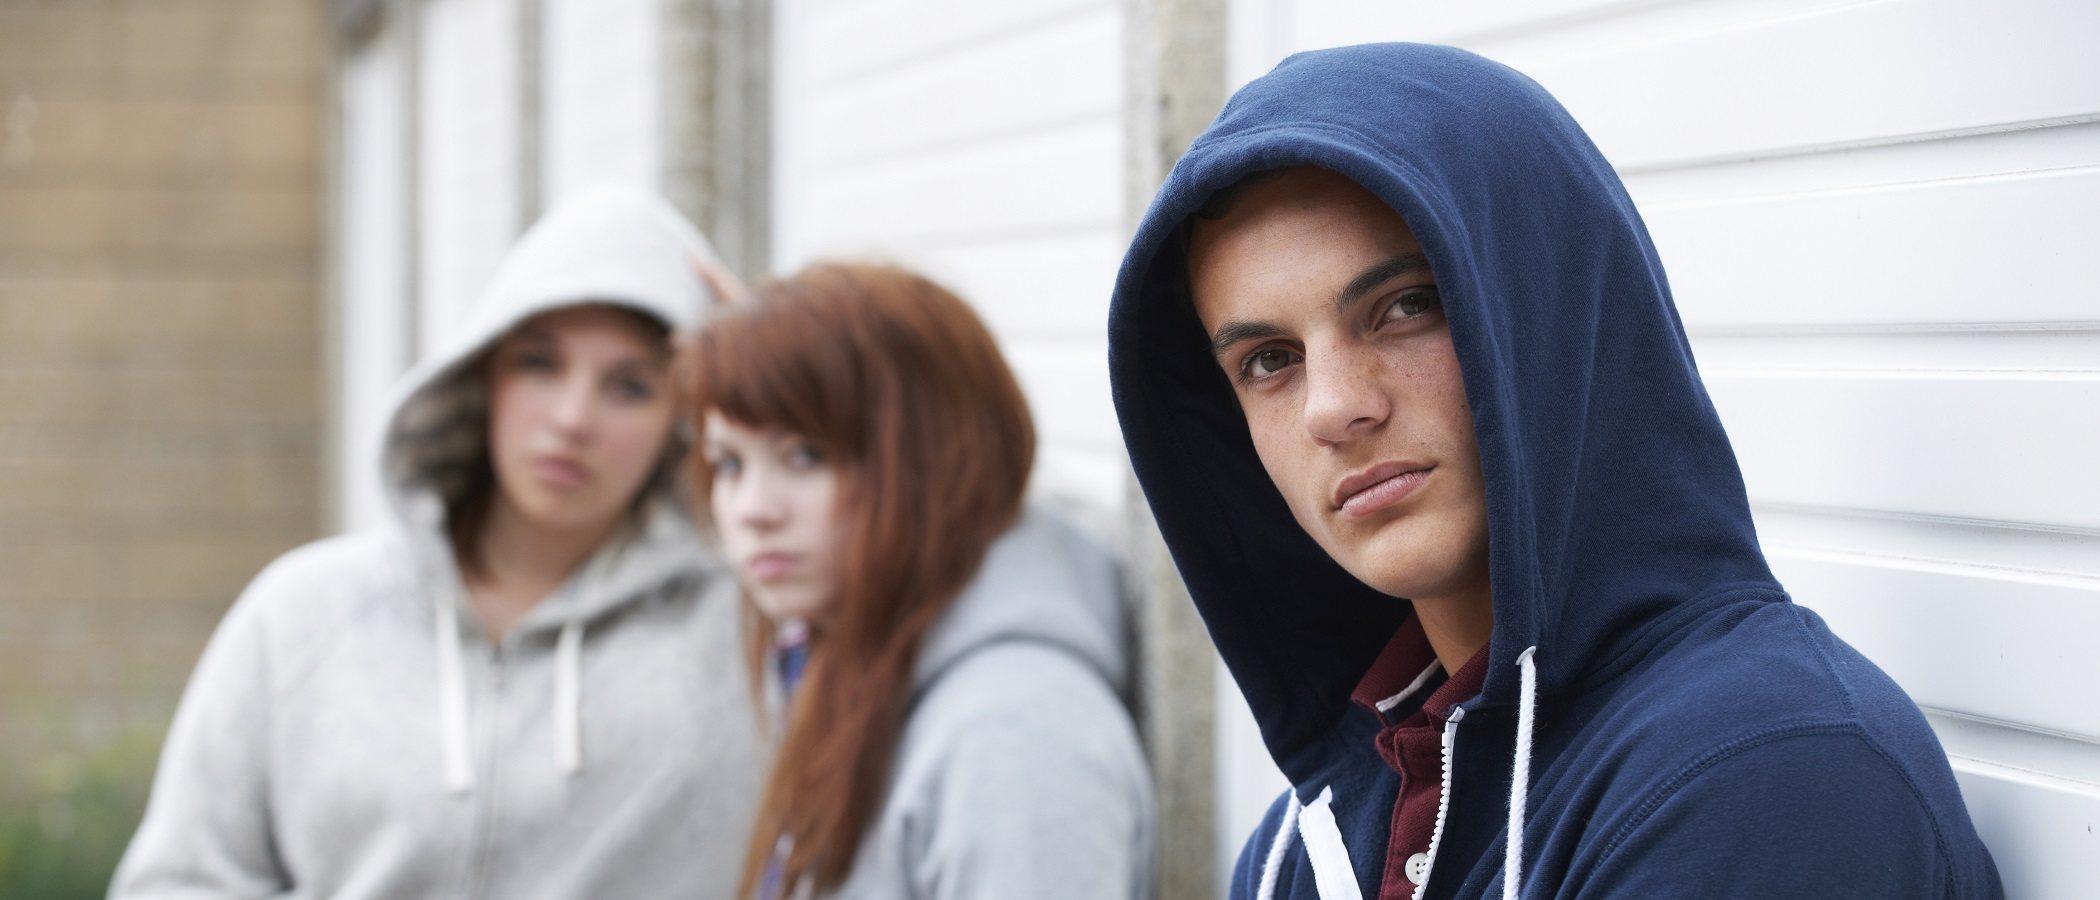 Mi hijo adolescente: ¿tiene un comportamiento patológico o es normal?